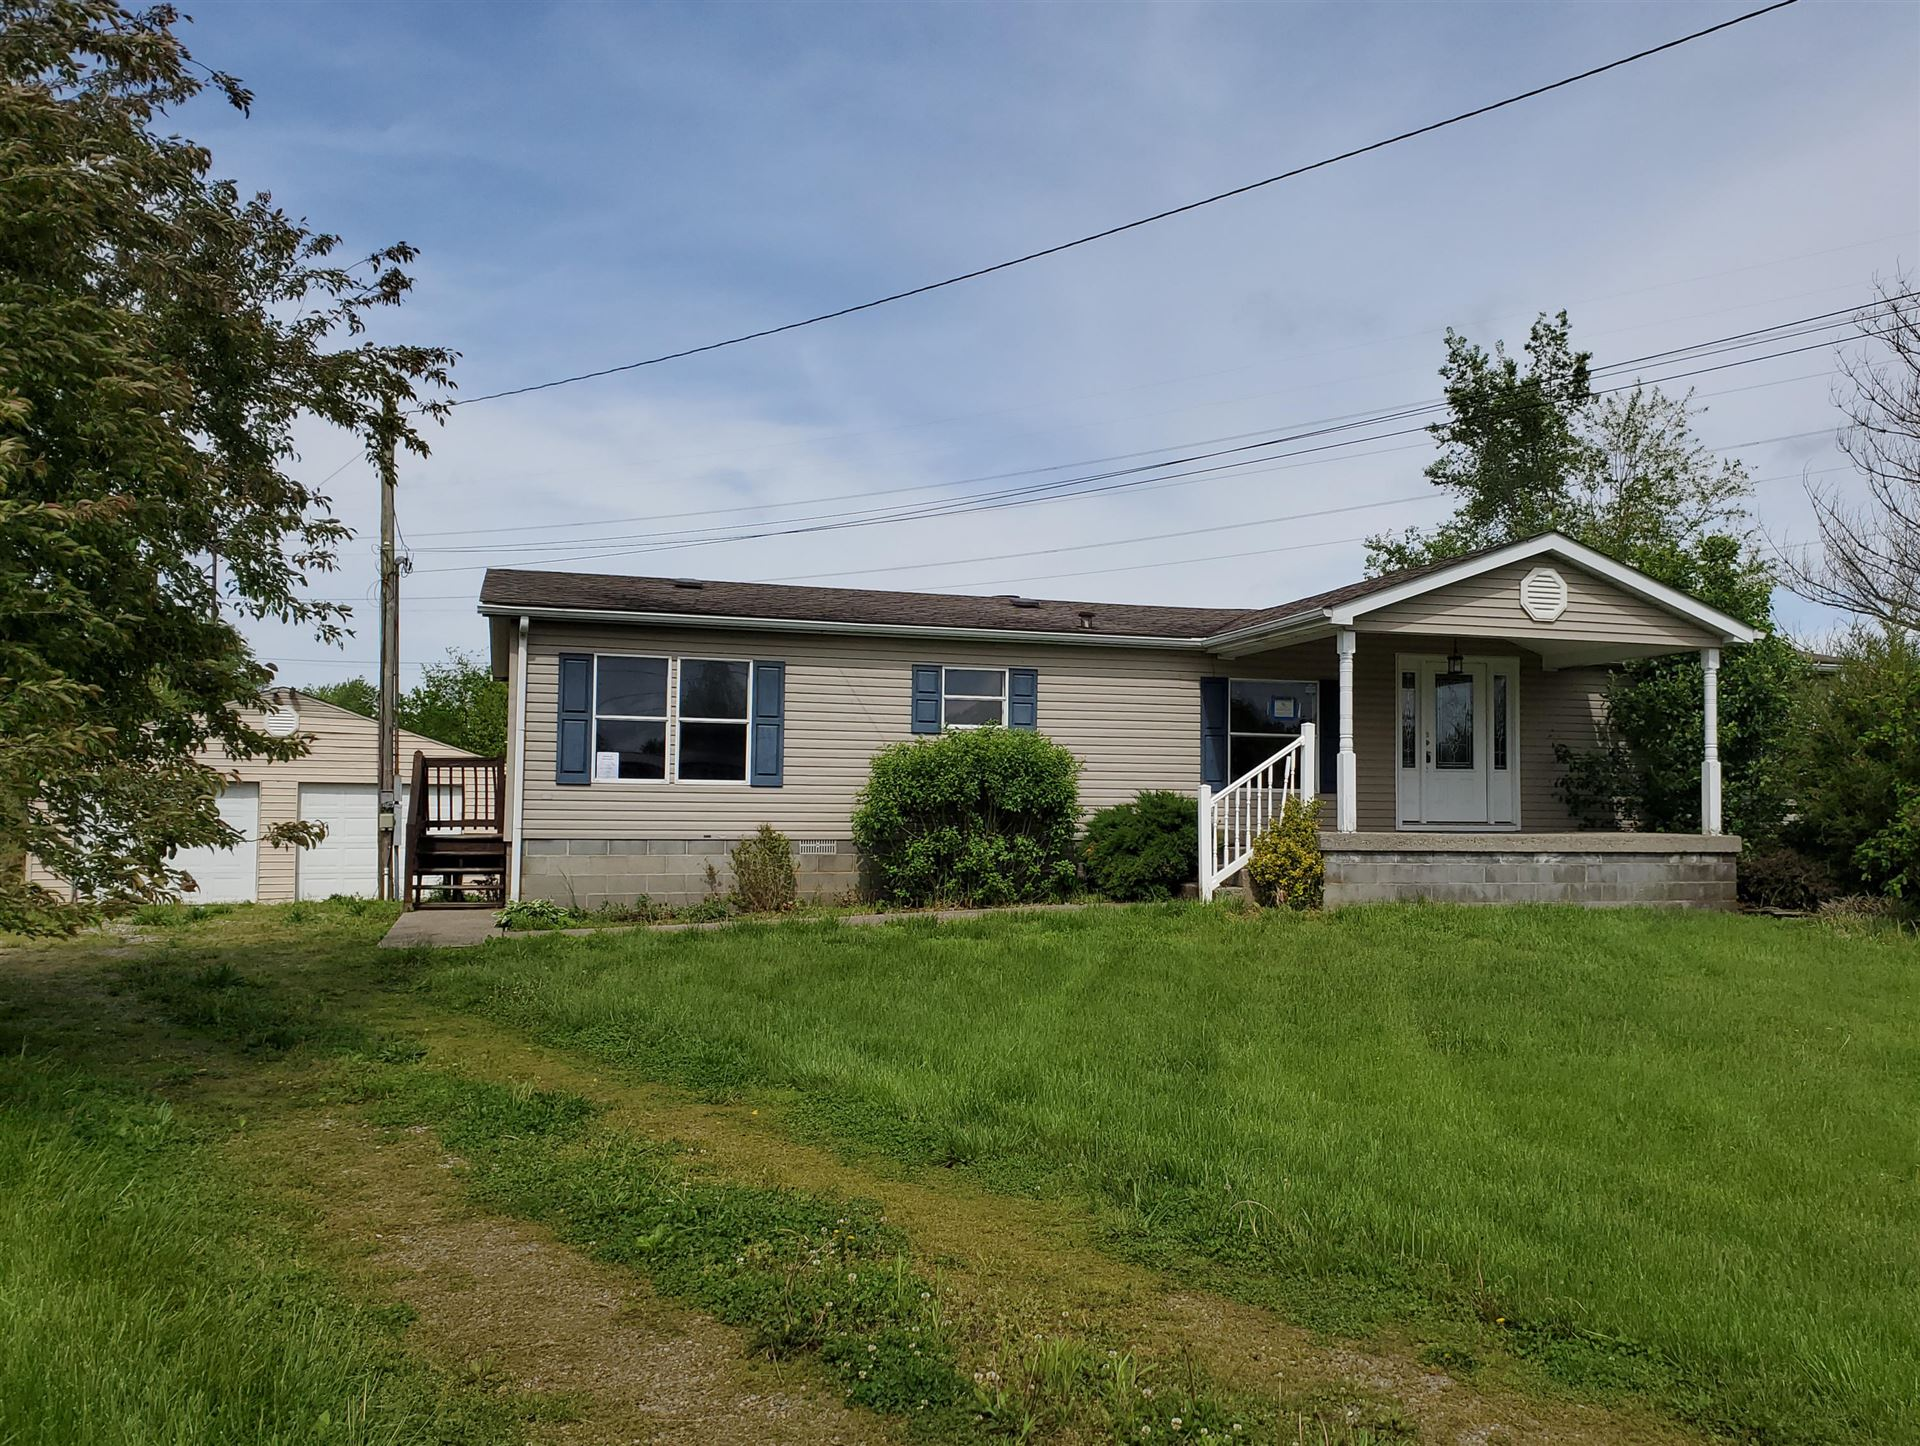 Photo of 160 Redbird Ct, Vine Grove, KY 40175 (MLS # 1584873)